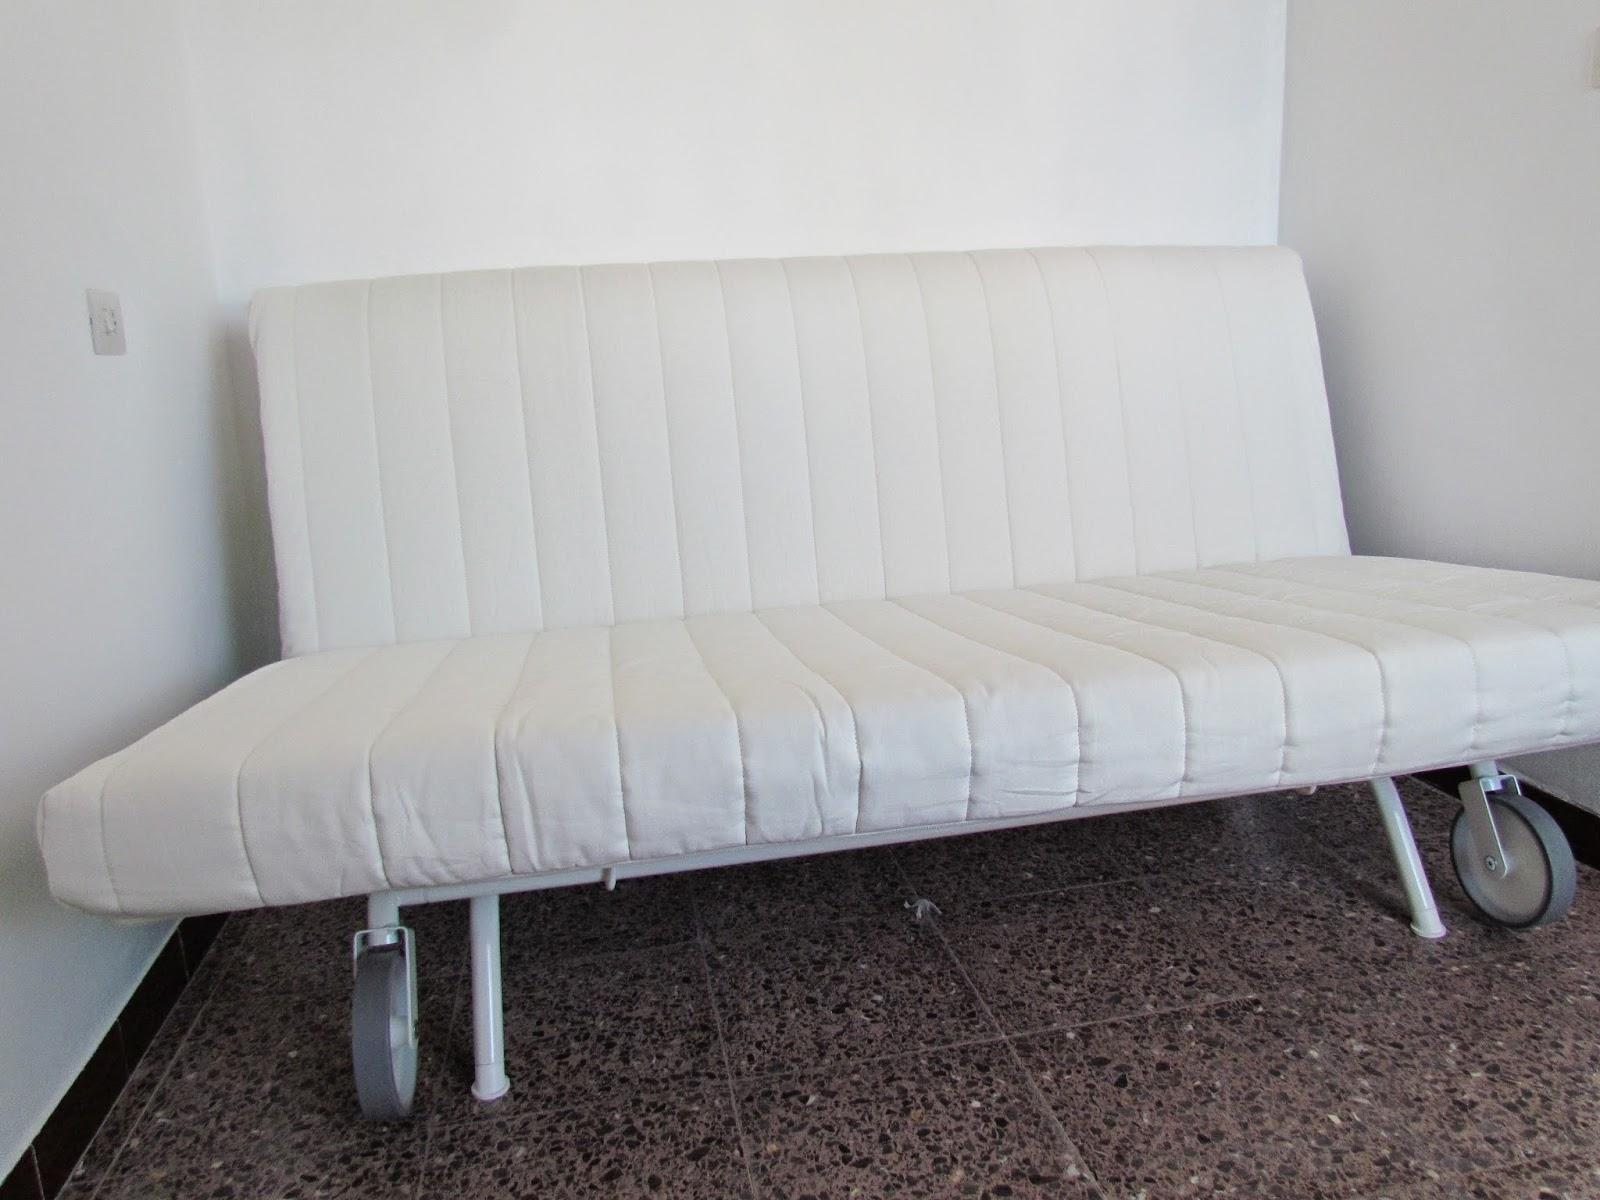 Bricolaje hazlo tu mismo sofa cama de ikea ps - Sofas grandes ikea ...